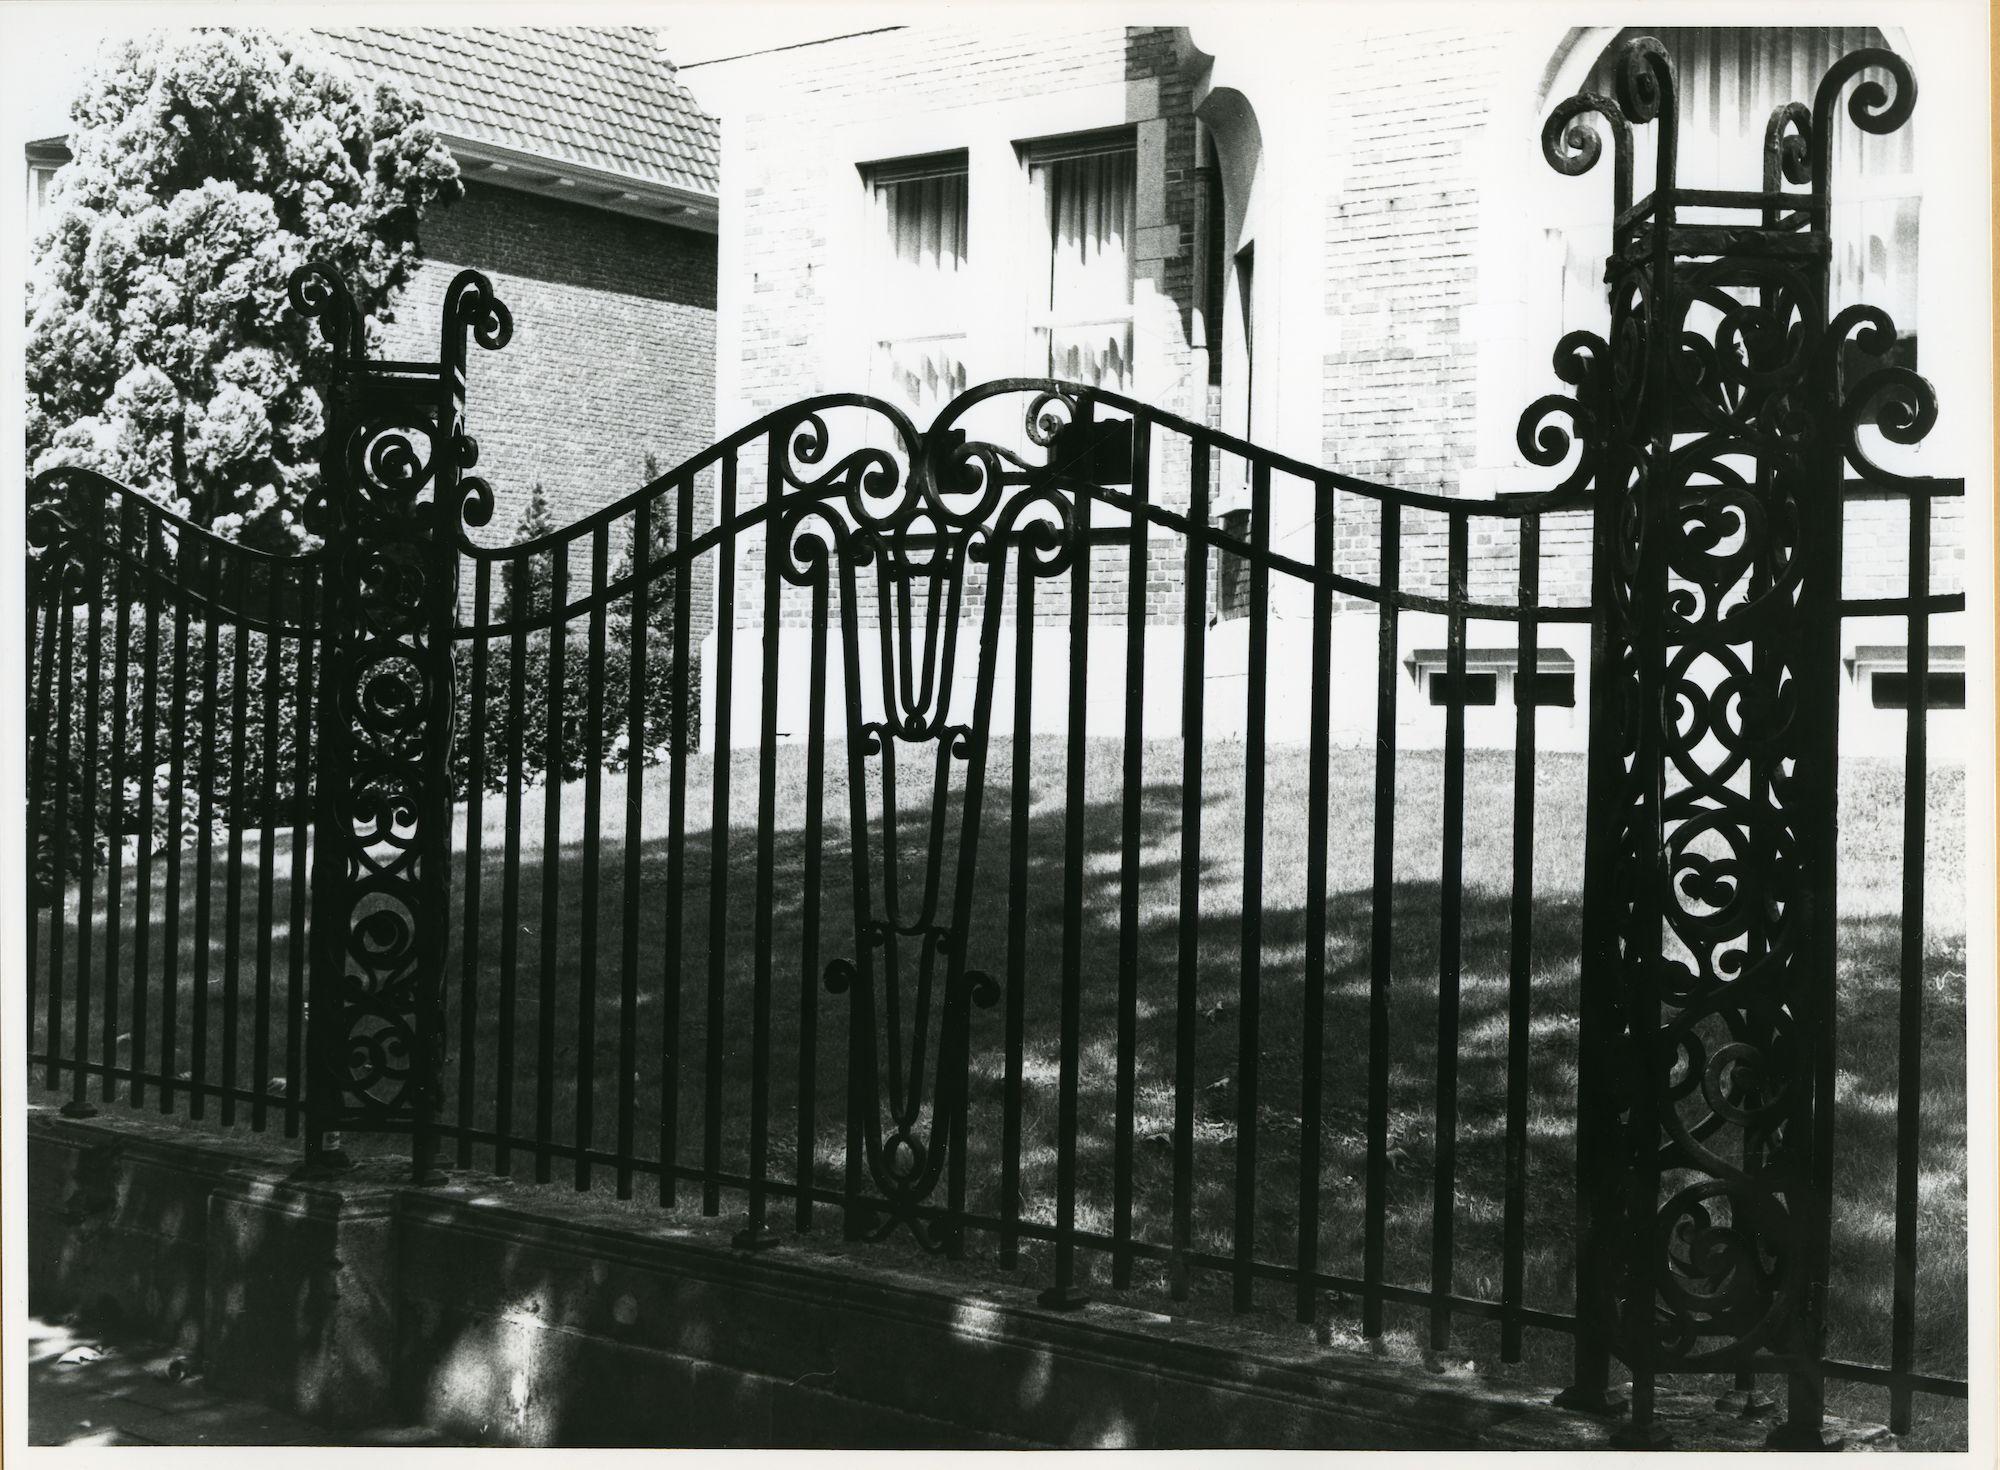 Gent: Paul de Smet de Naeyerplein 17: Hek, 1979